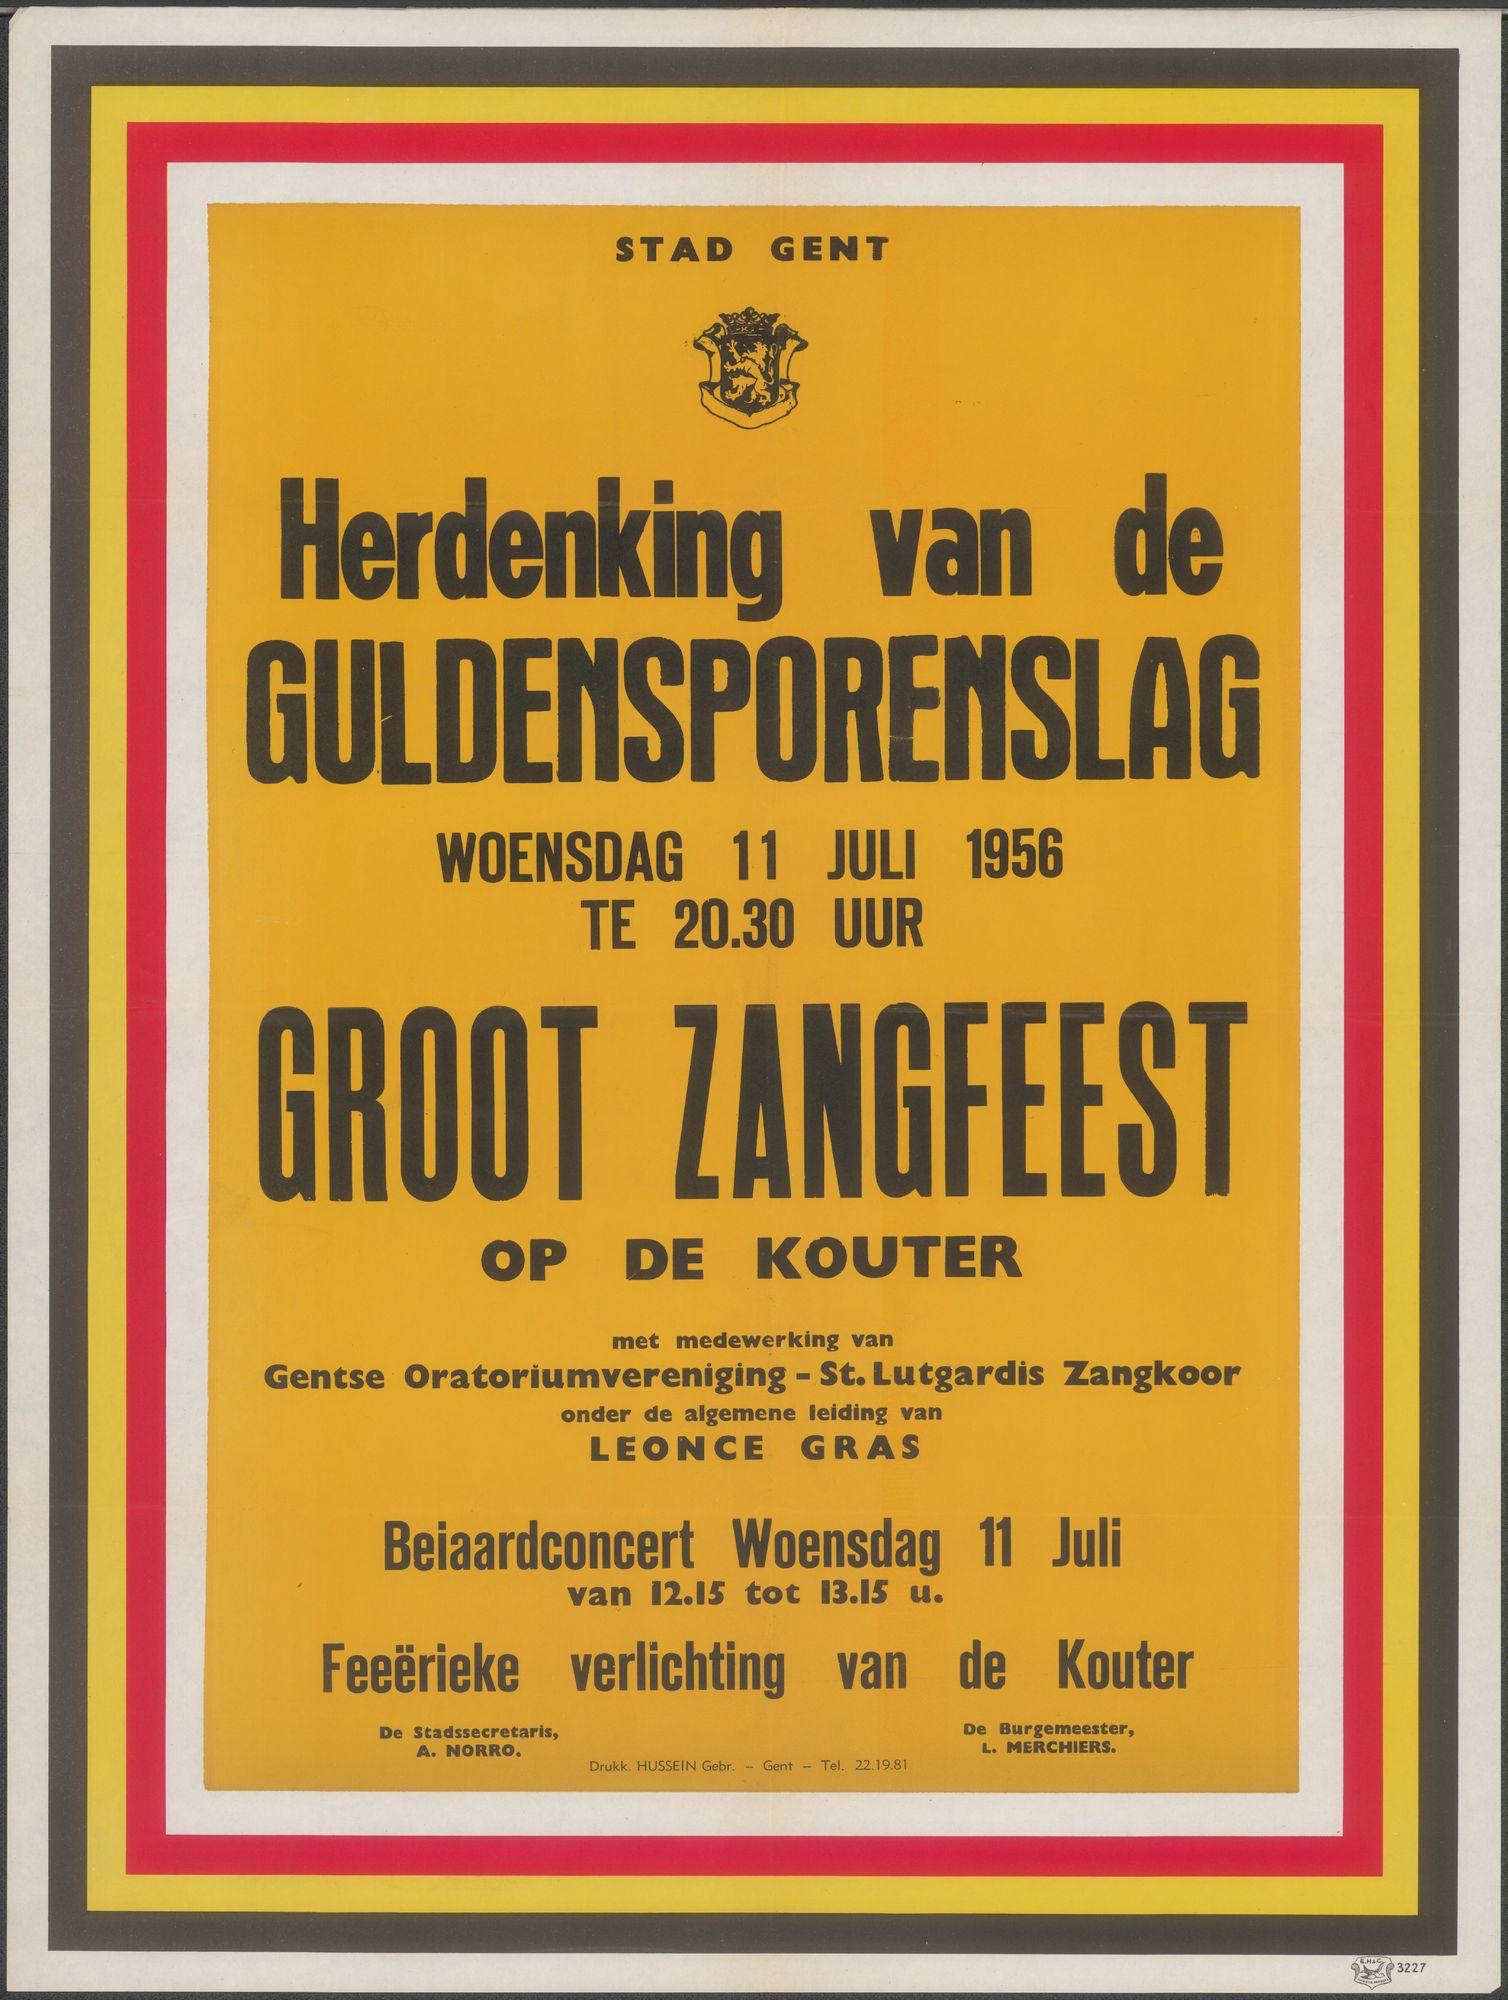 Herdenking van de Guldensporenslag, Groot zangfeest op de Kouter, Beiaardconcert, Gent, woensdag 11 juli 1956, Stad Gent